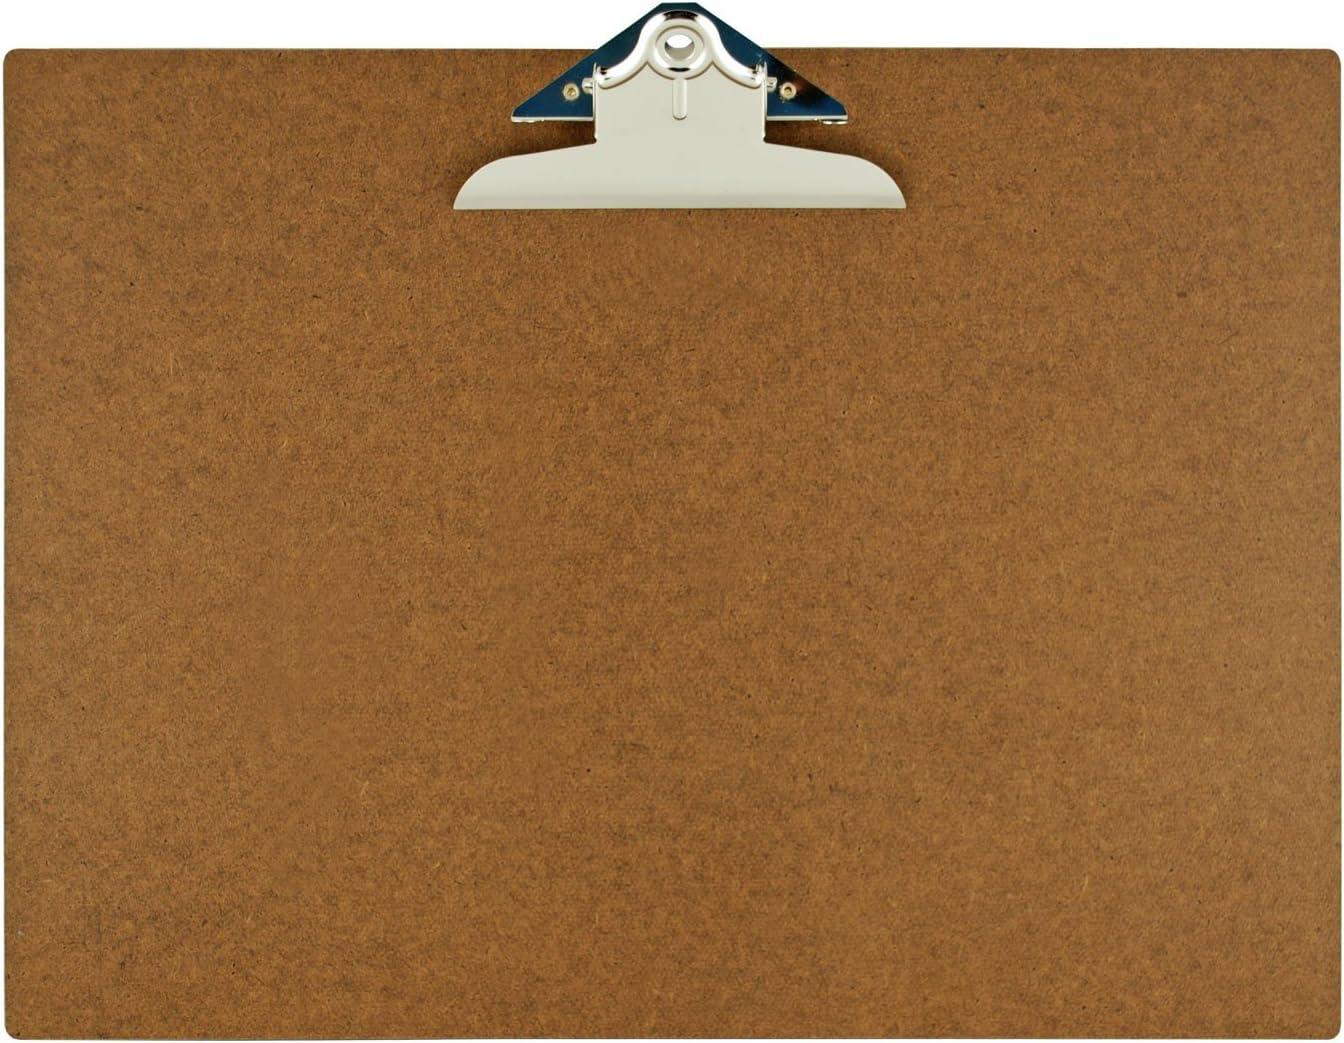 Amazon Com 17x11 Hardboard Clipboard With 6 Jumbo Board Clip Office Products